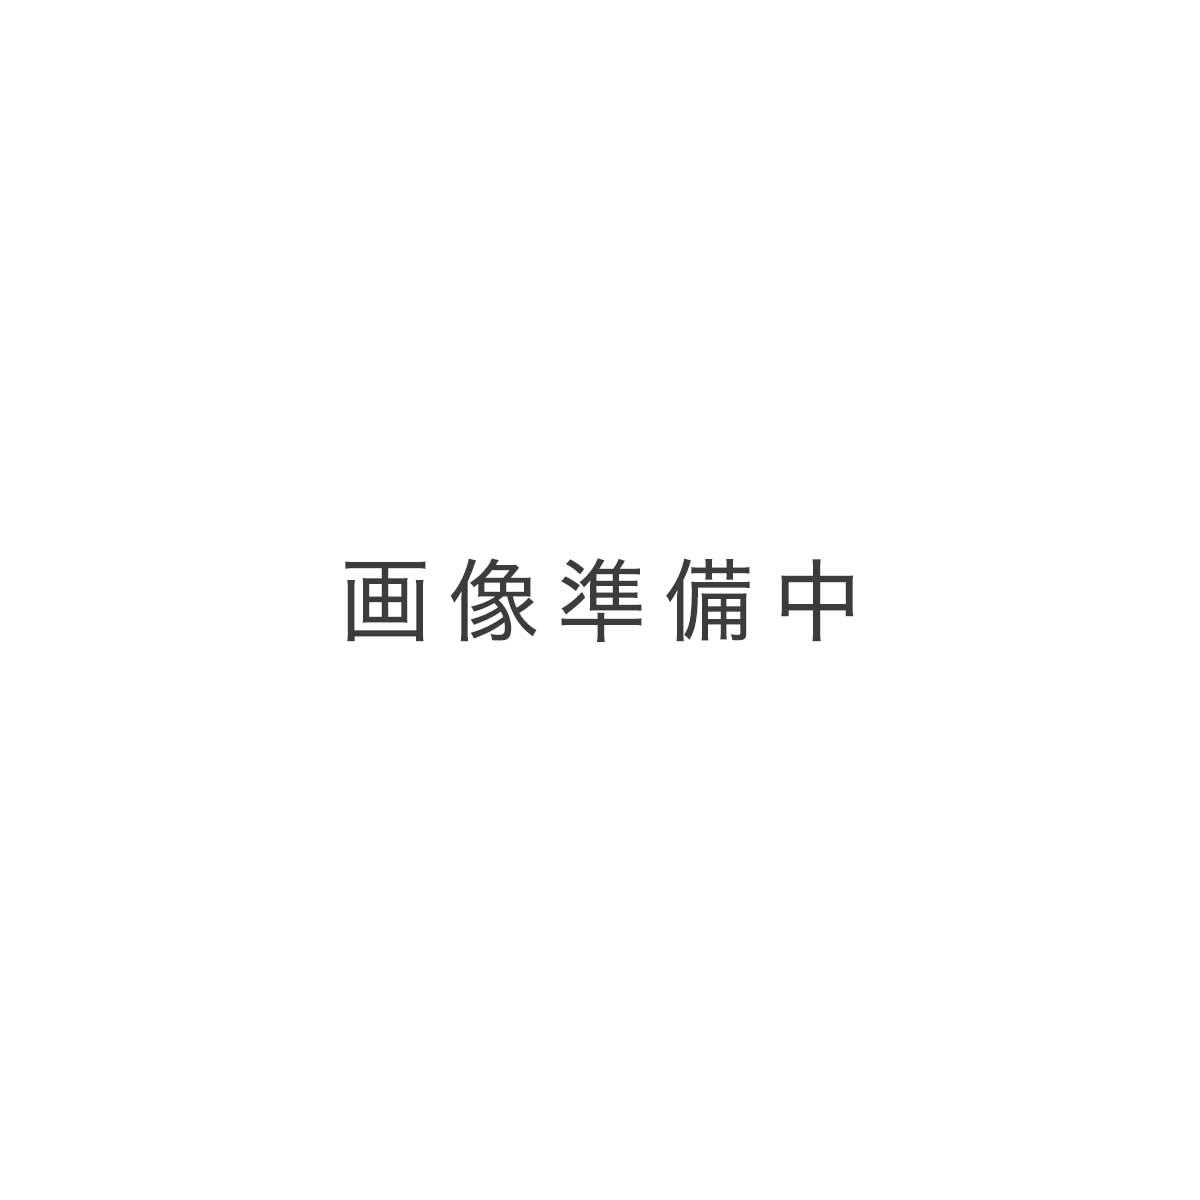 十勝産 きたのおとめ(北海道産小豆)20kg(大袋)【北海道産小豆】【小豆 国産 餡子 あんパン ホームベーカリー】